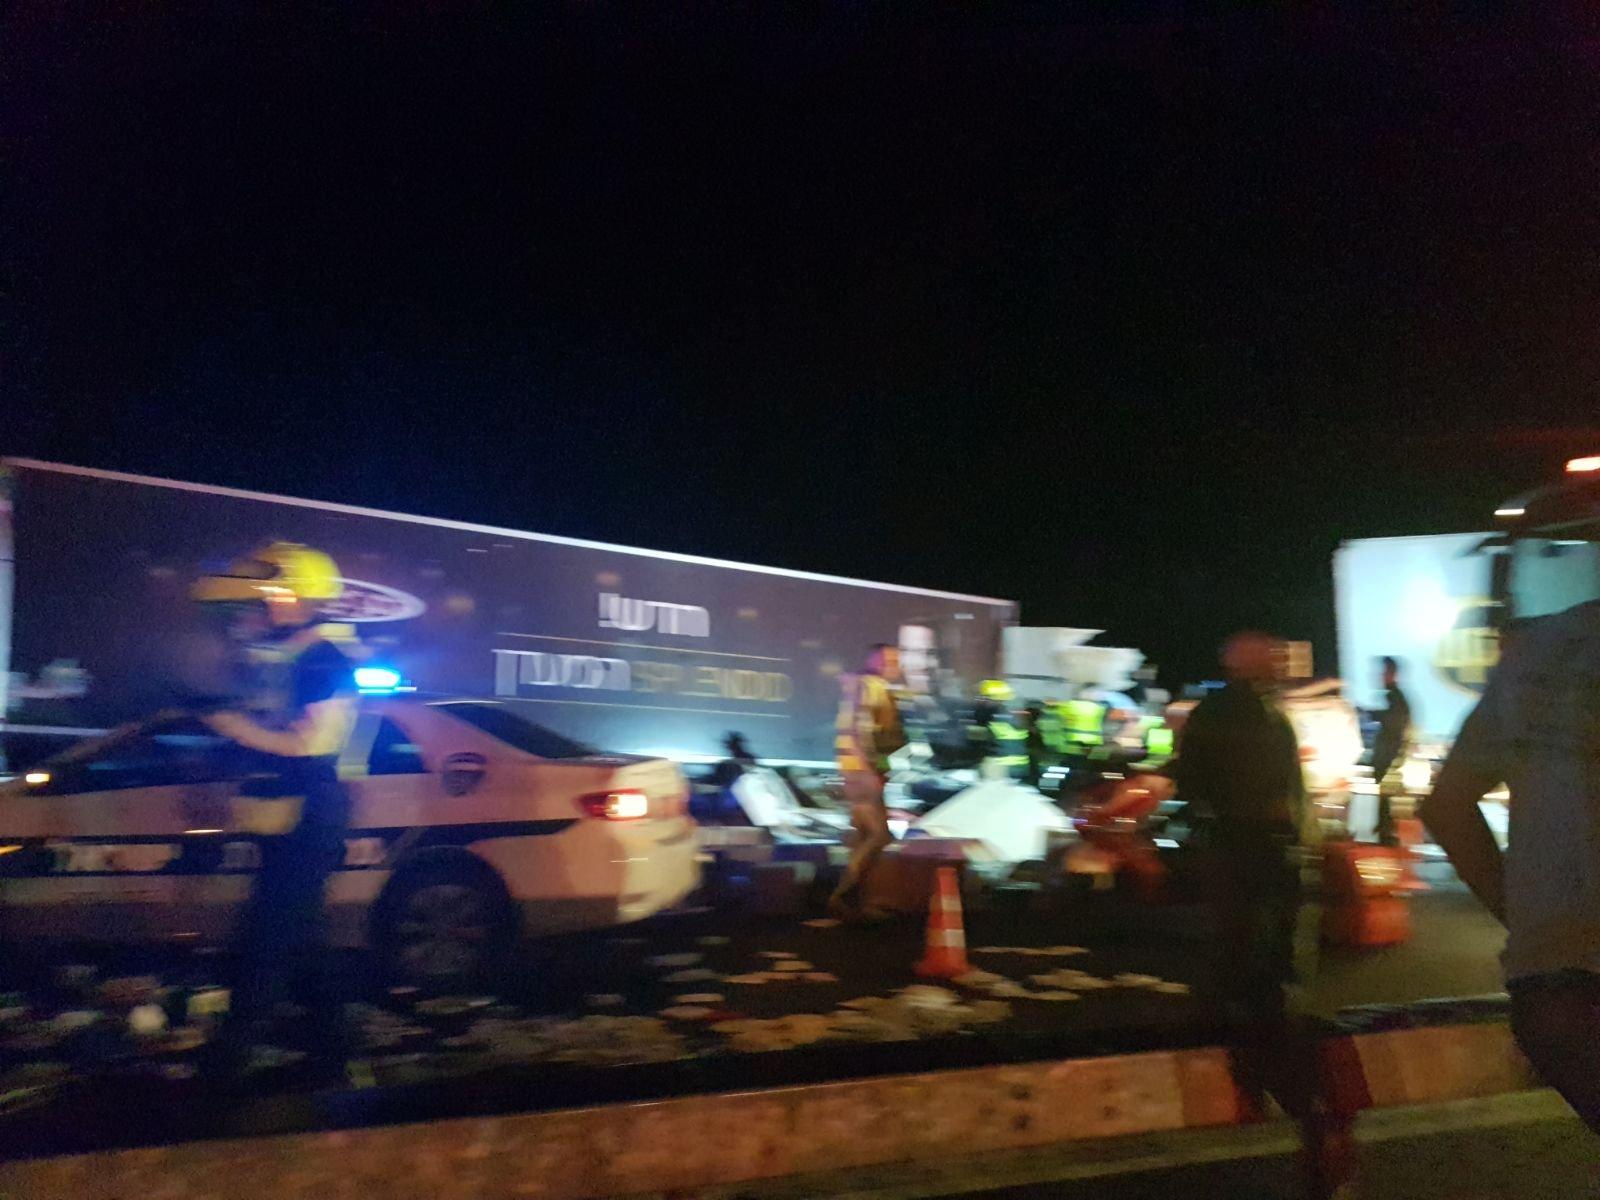 """حادث طرق مروع بين شاحنتين على شارع 6 قرب """"عين توت"""" وإصابة خطيرة لسائق-1"""